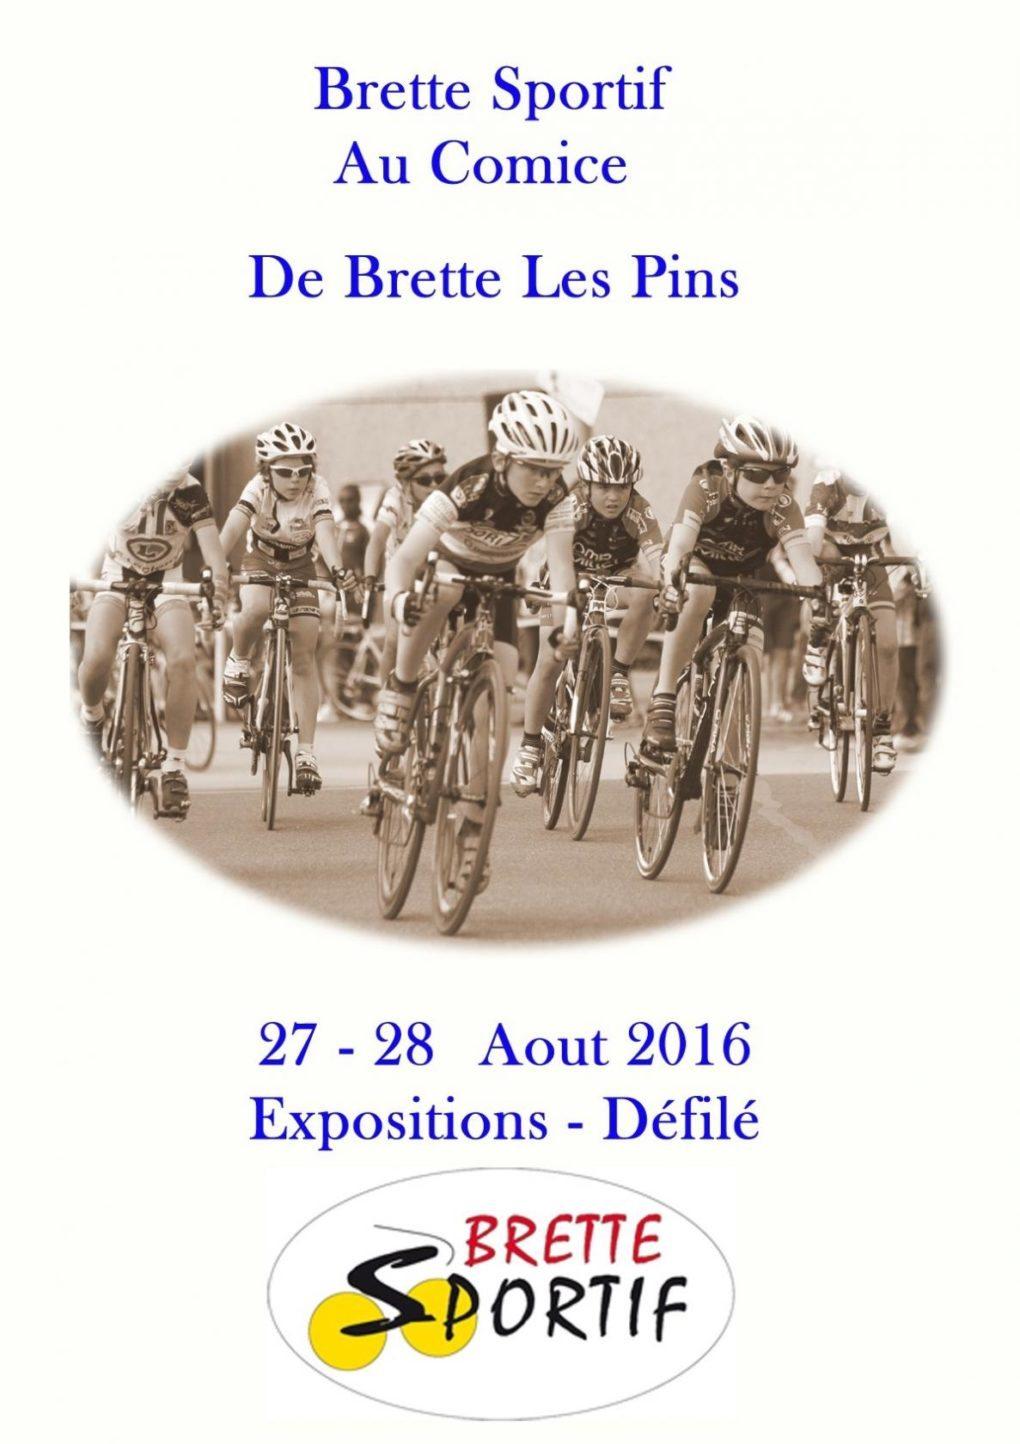 Présence de l'association Brette sportifs au comice Brette-les-Pins